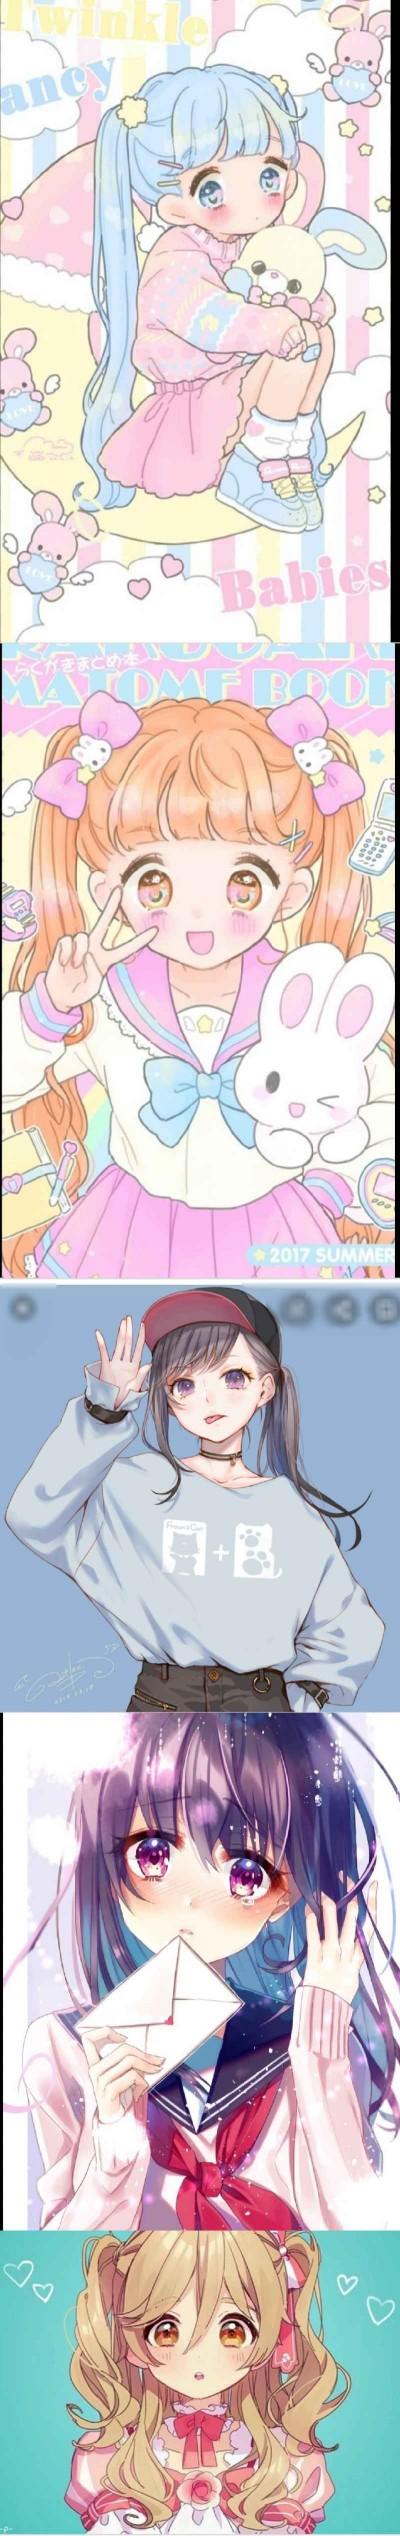 프사 골라줘엉 2번 | yui_0828 | Digital Drawing | PENUP